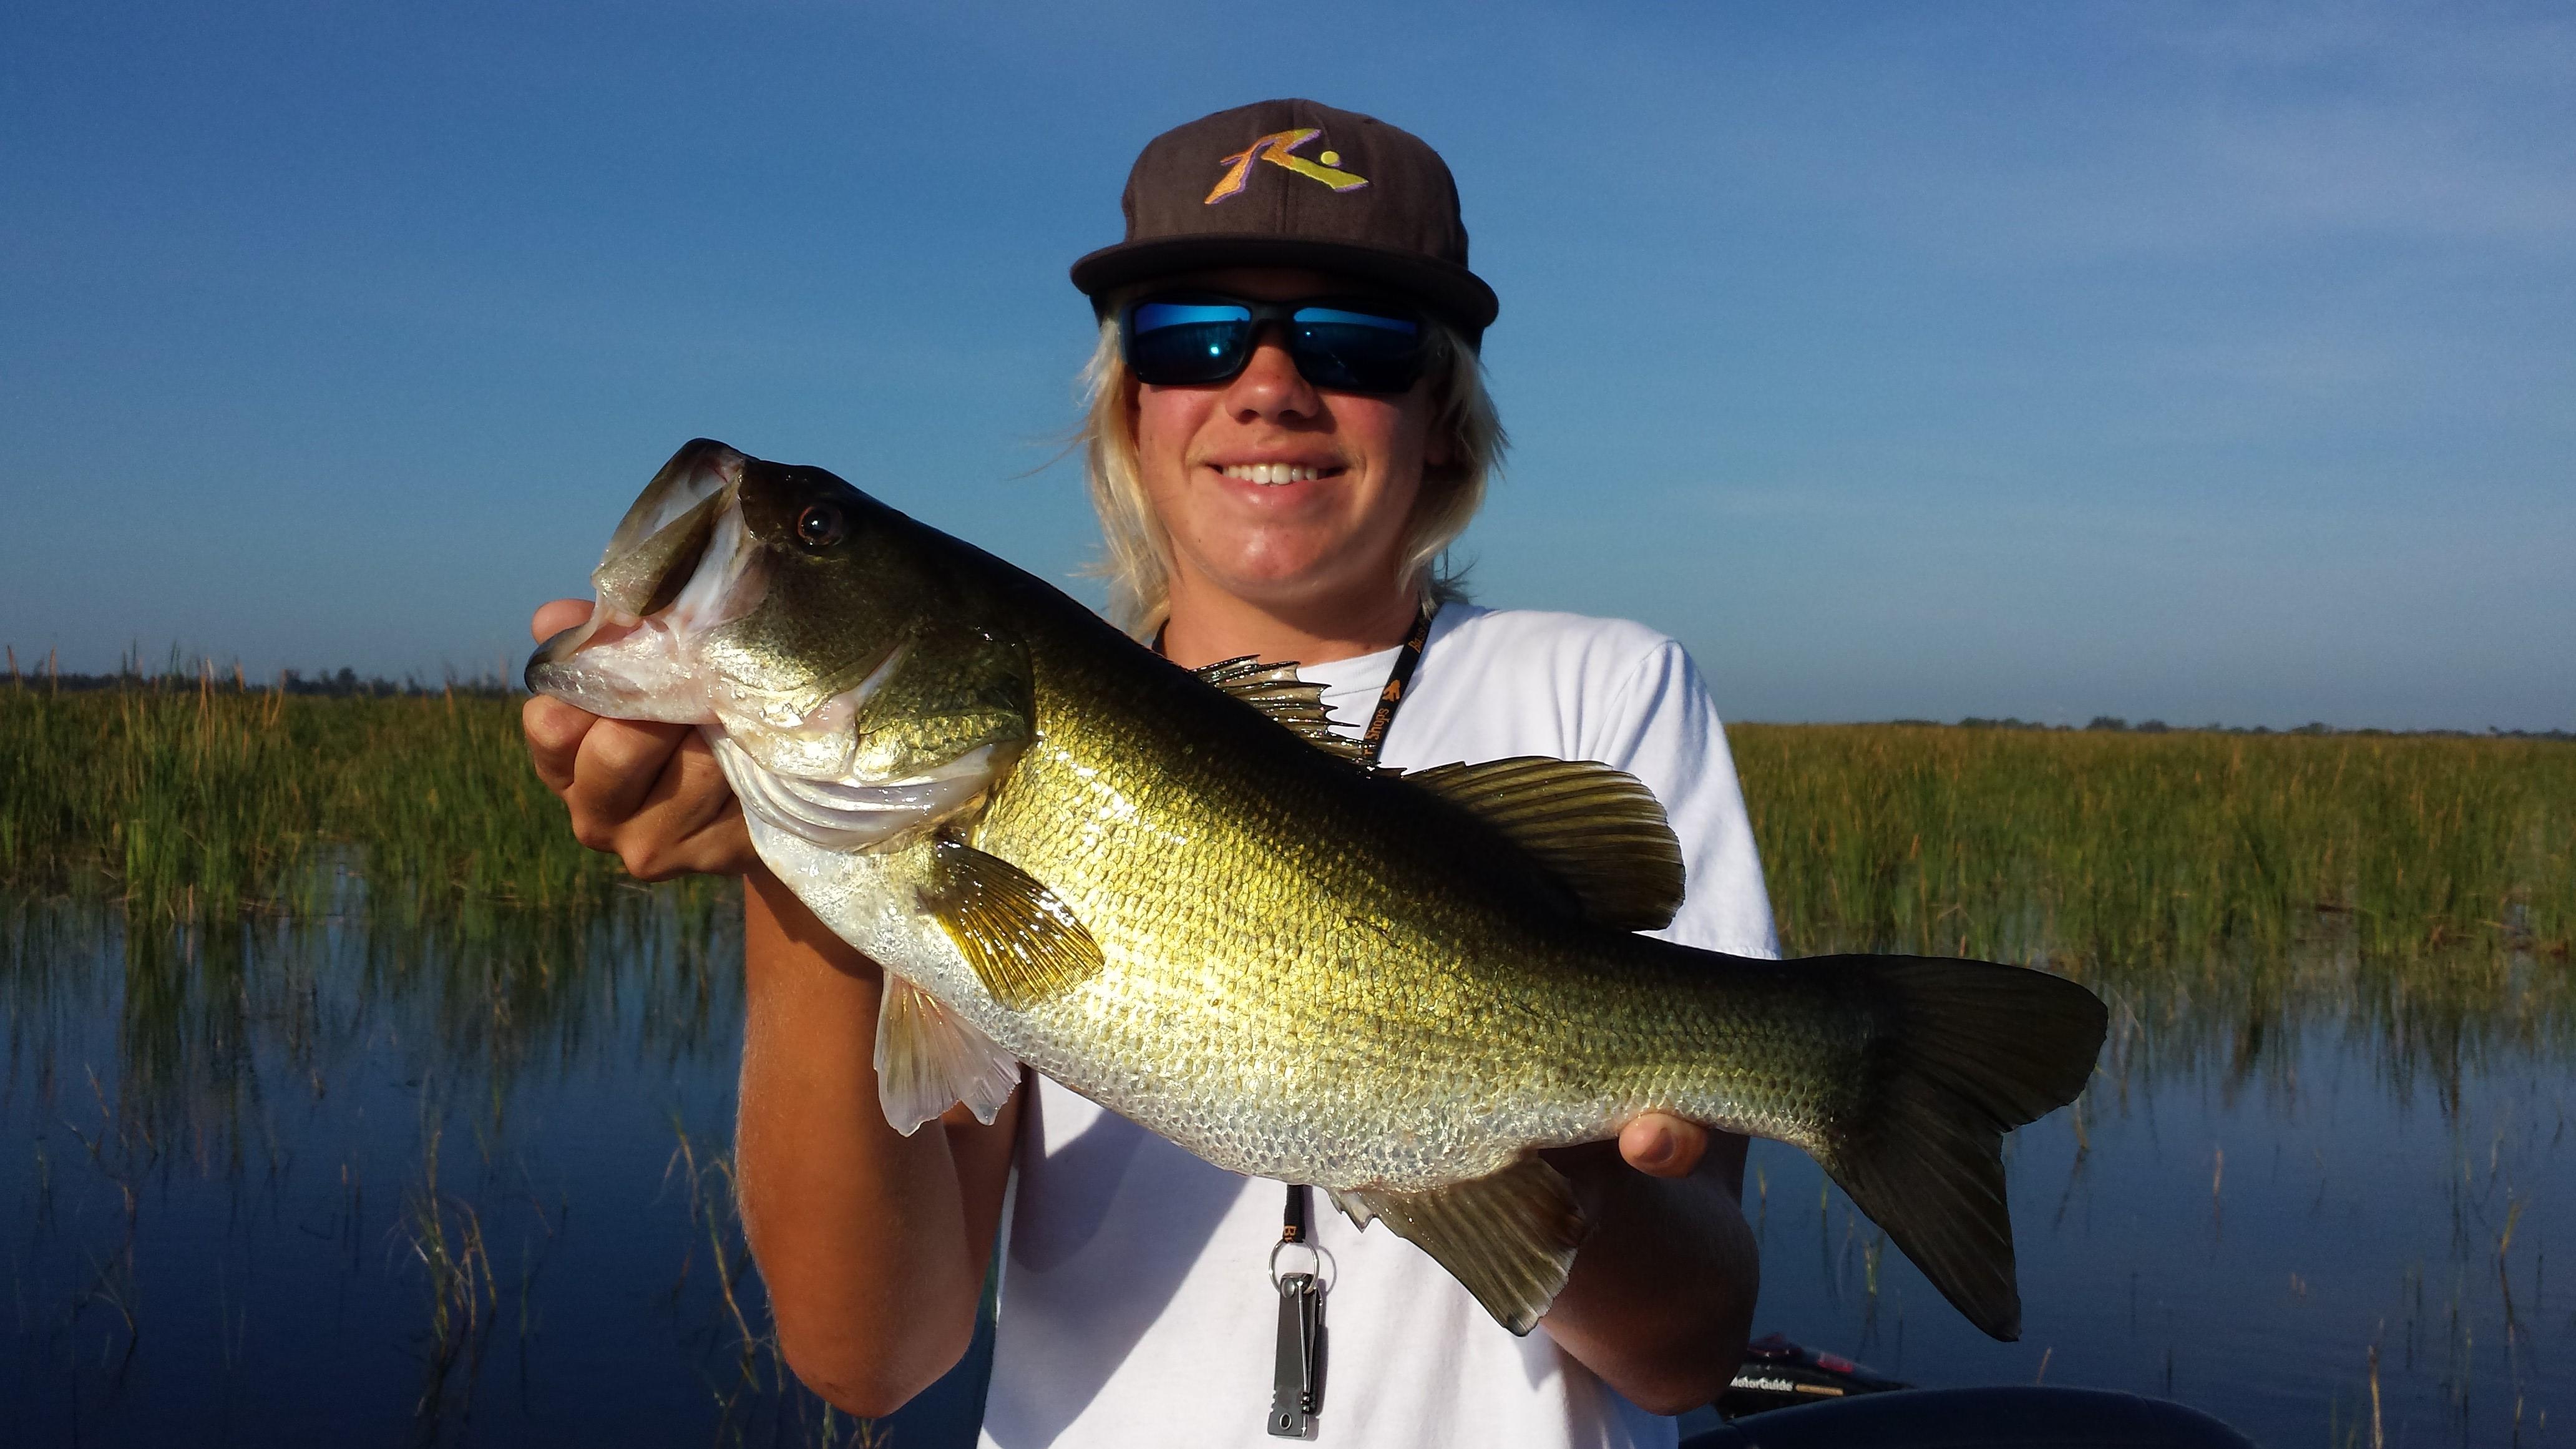 Lake okeechobee fishing guide lake okeechobee bass fishing for Lake okeechobee bass fishing